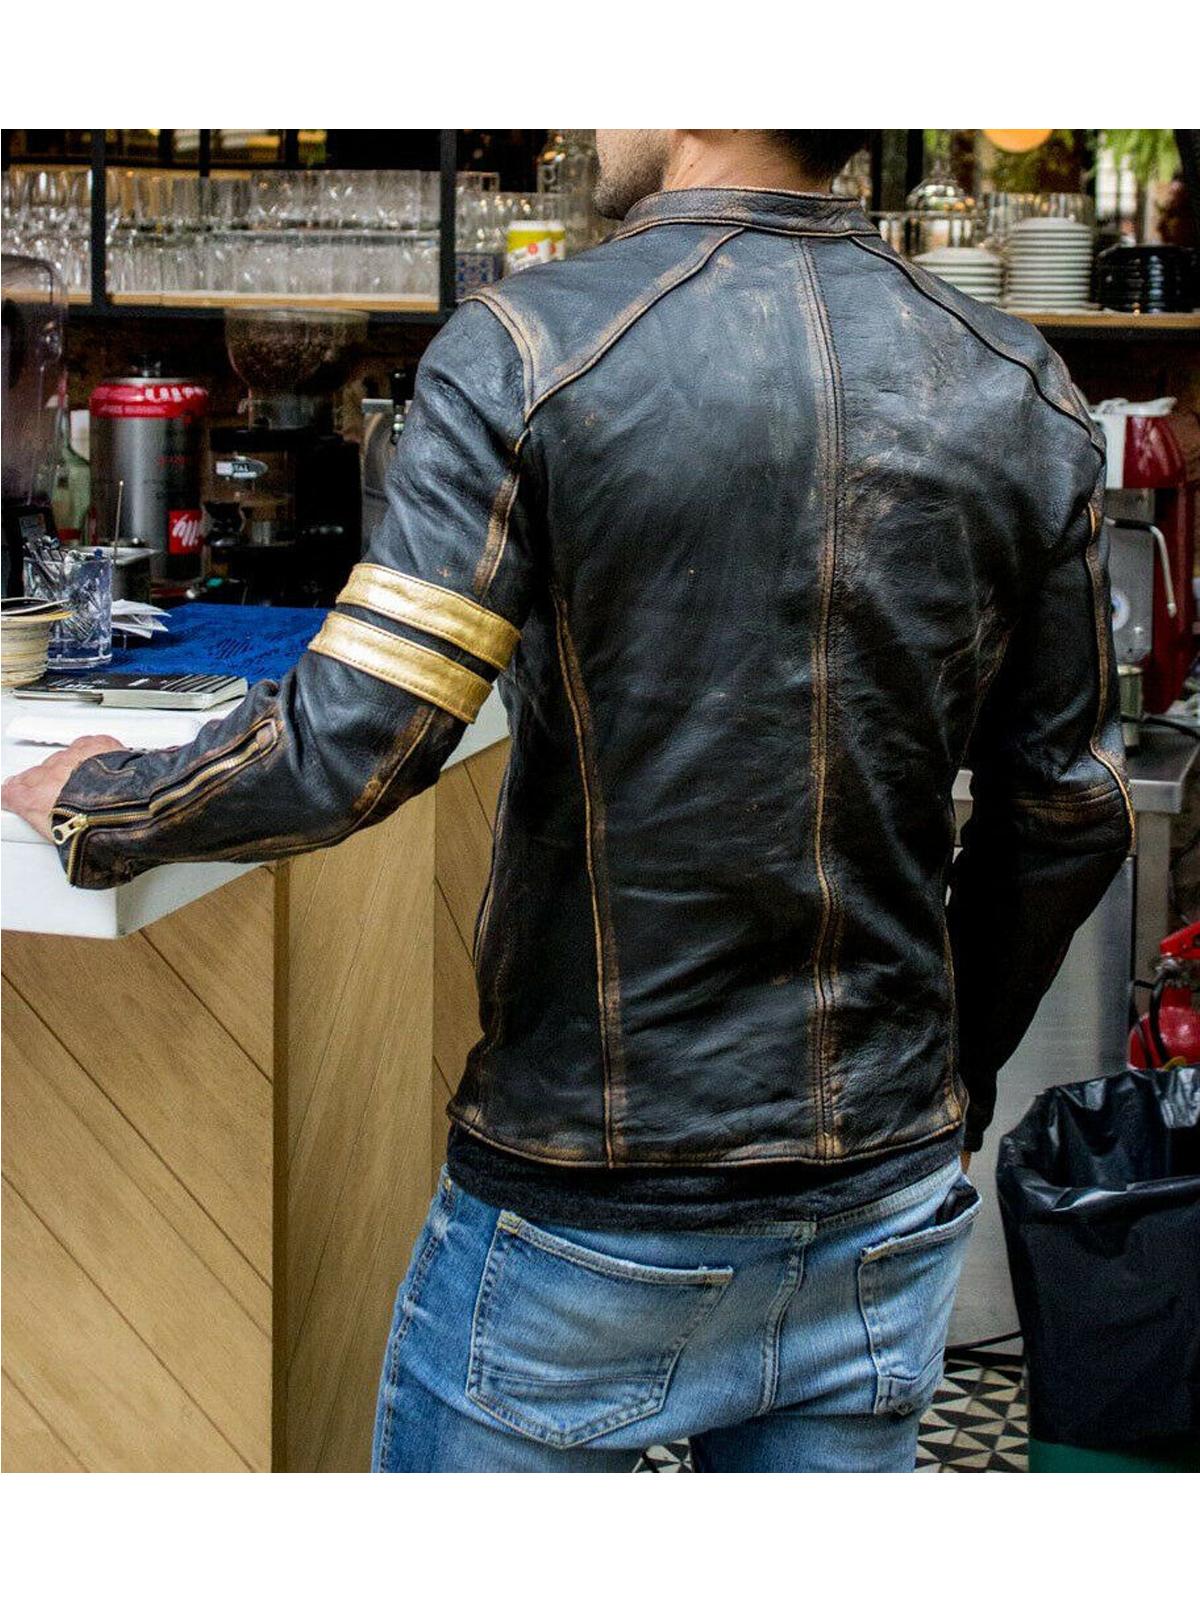 Men's Motorcycle Vintage Cafe Racer Distressed Leather Jacket